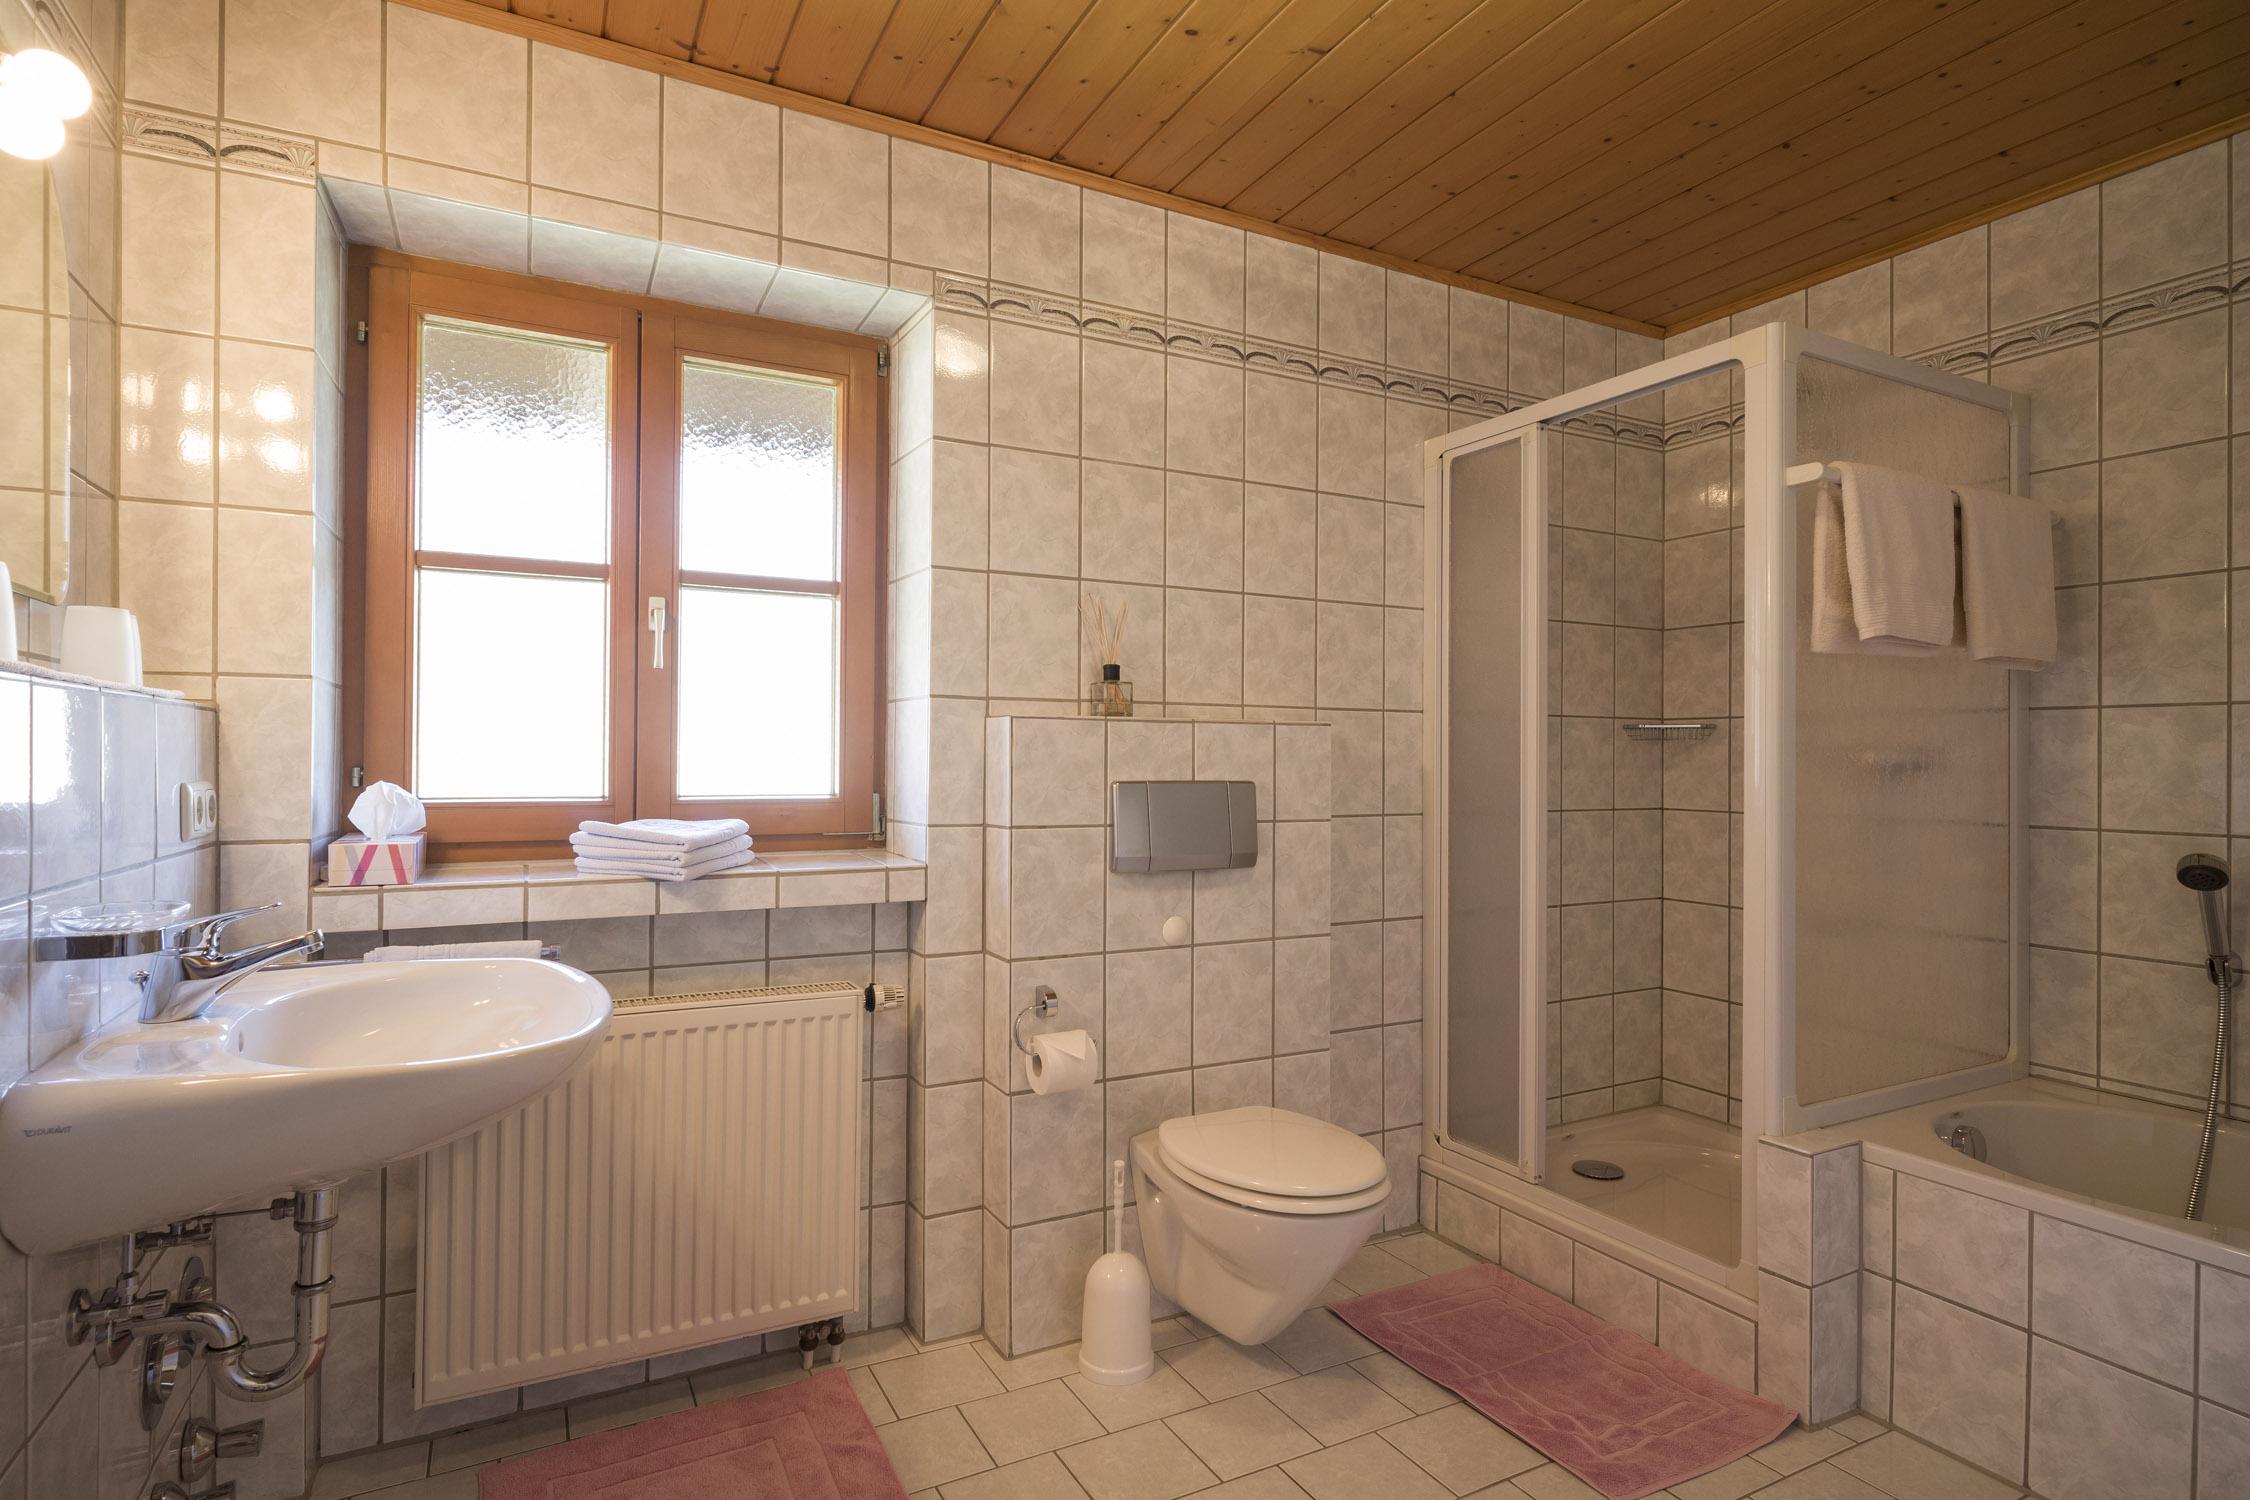 Ferienwohnung Christophenhof (DE Oberaudorf). 3-Zimmer Ferienwohnung Terrasse 1 (710004), Oberaudorf, Chiemgau, Bayern, Deutschland, Bild 5